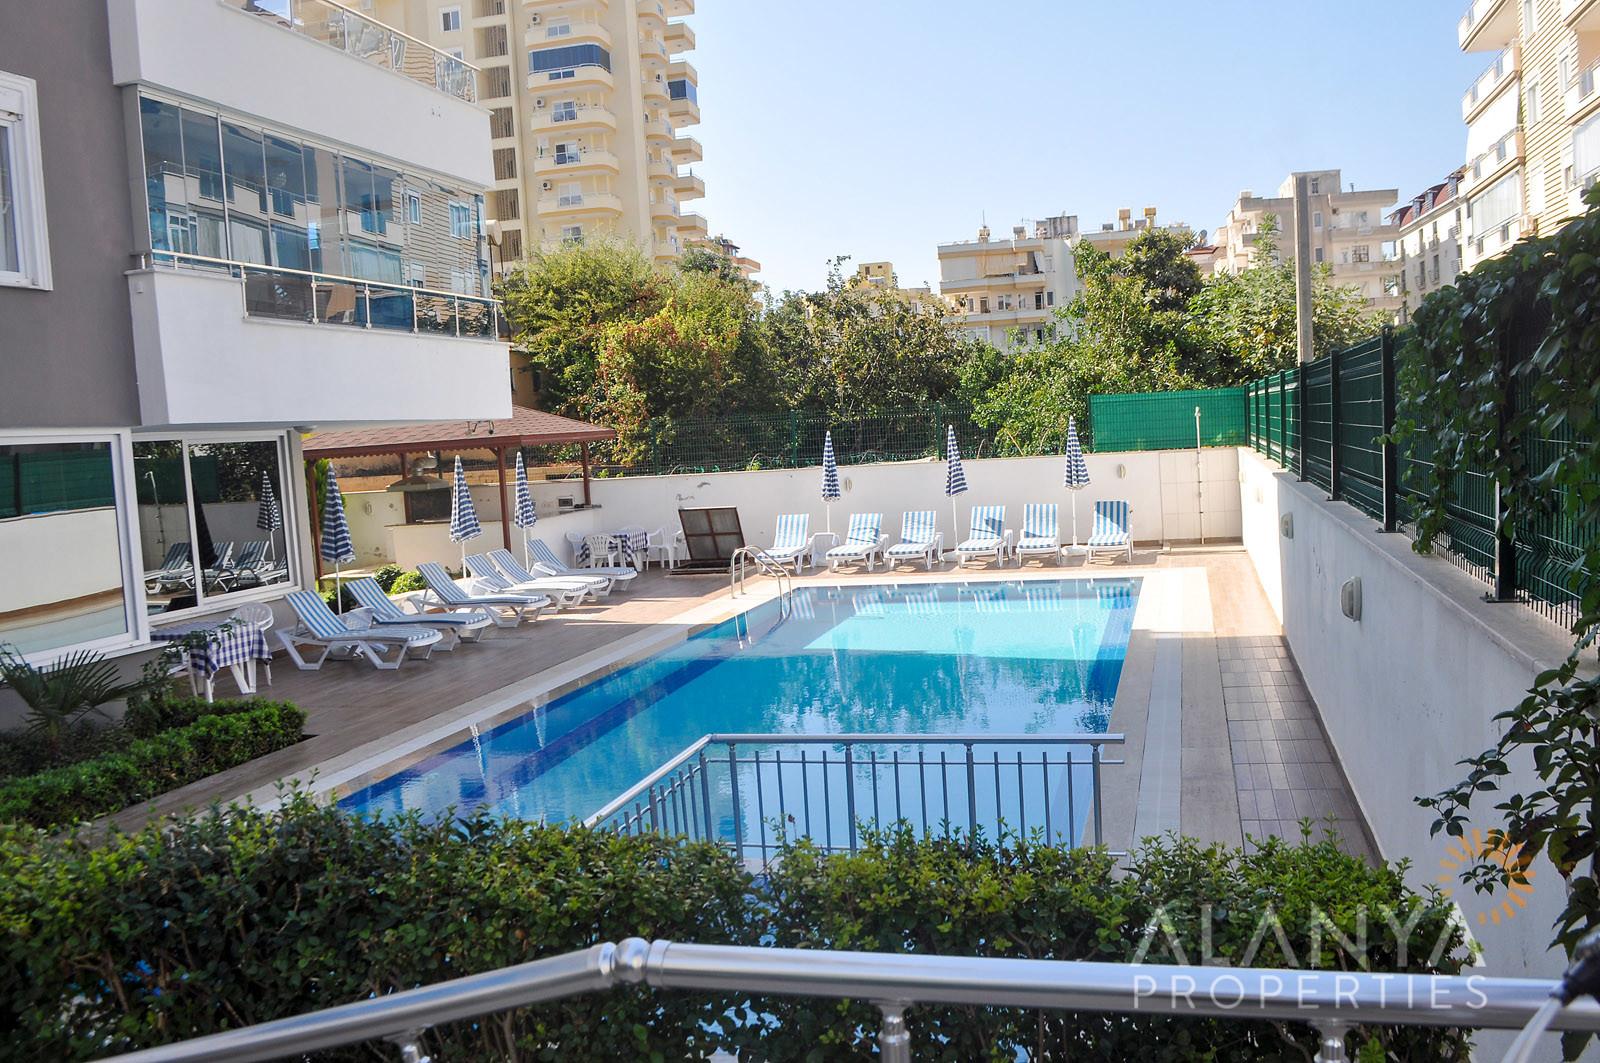 1 slaapkamer appartement met zeezicht te koop in Alanya, Mahmutlar